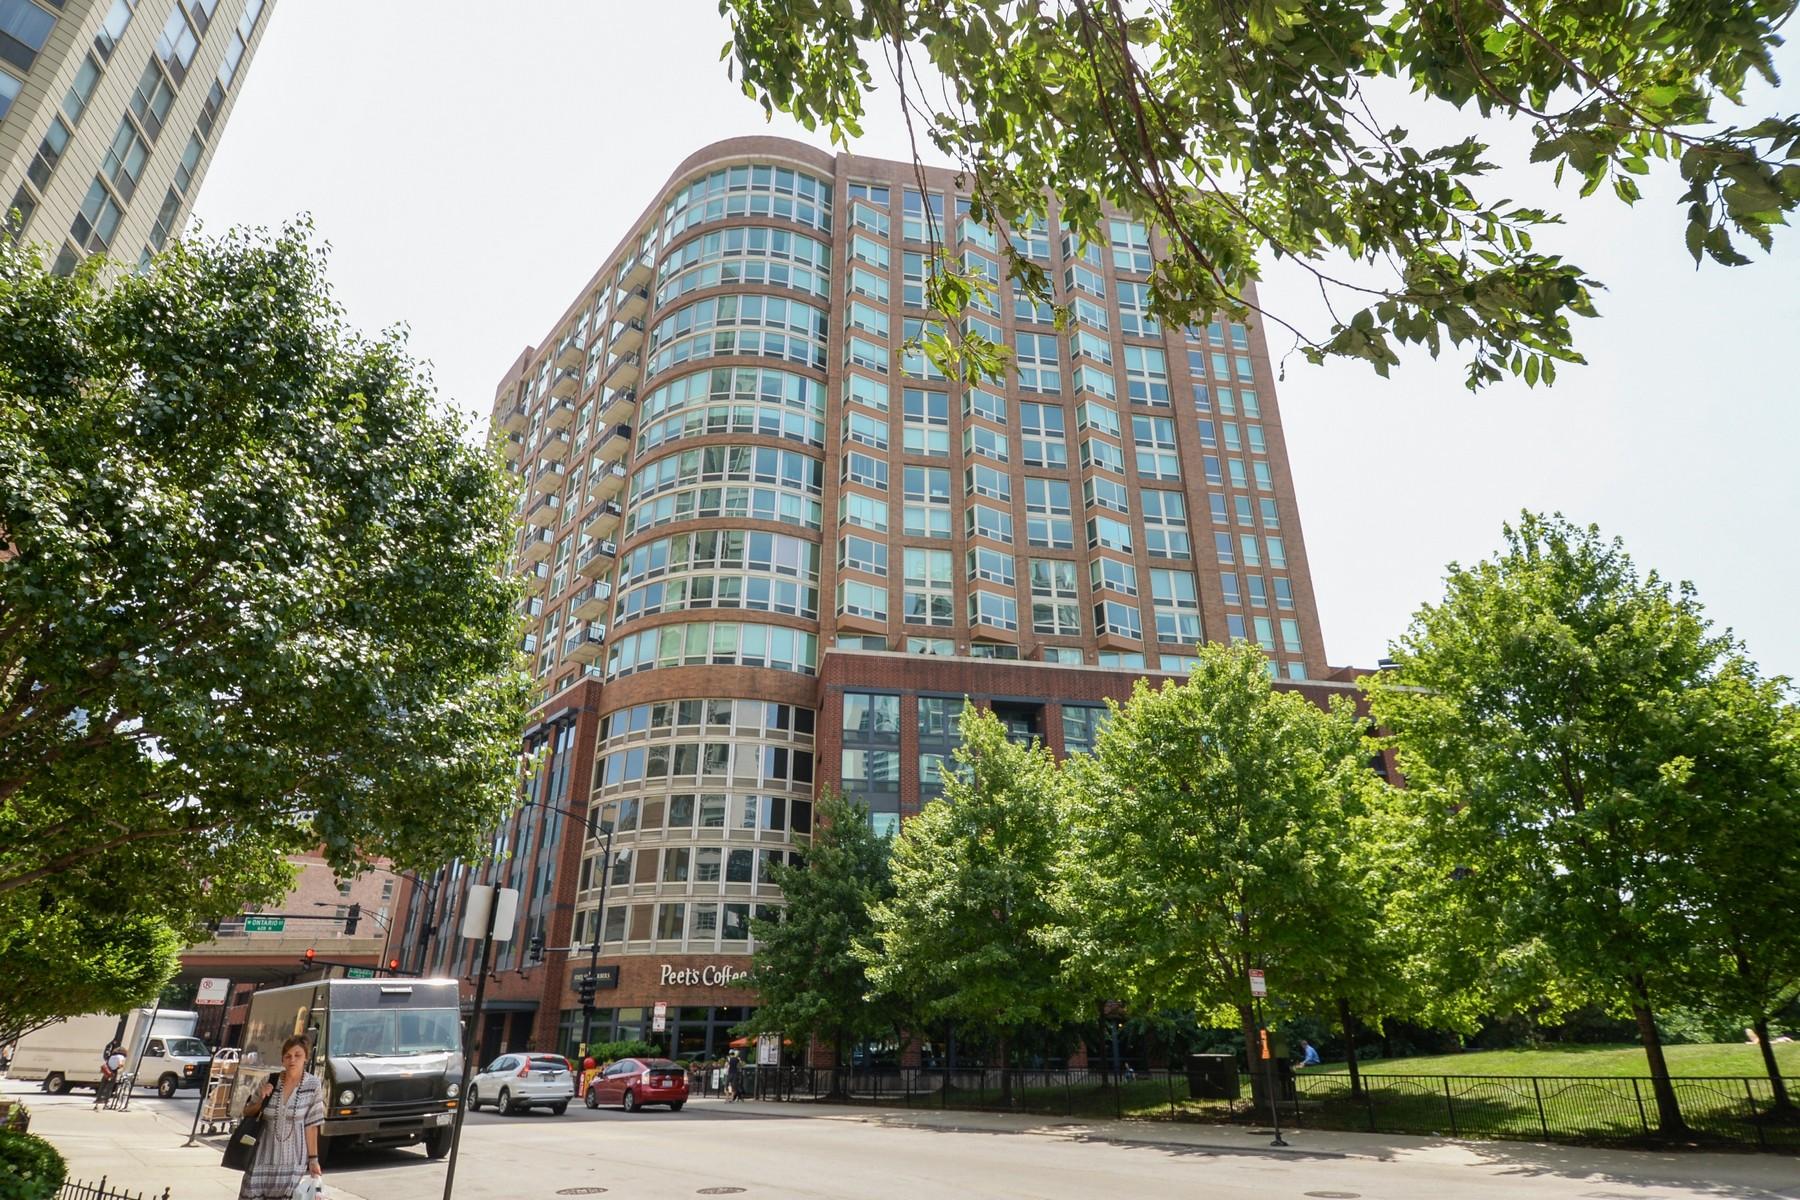 Кондоминиум для того Продажа на Park Place! 600 N Kinsgbury Street Unit 1003 Chicago, Иллинойс 60654 Соединенные Штаты